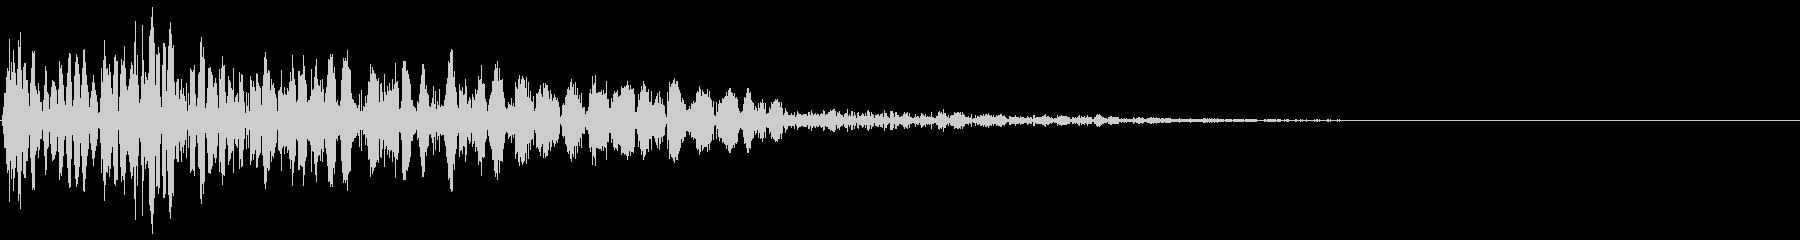 ズバン(パンチ・攻撃音・打撃音)の未再生の波形